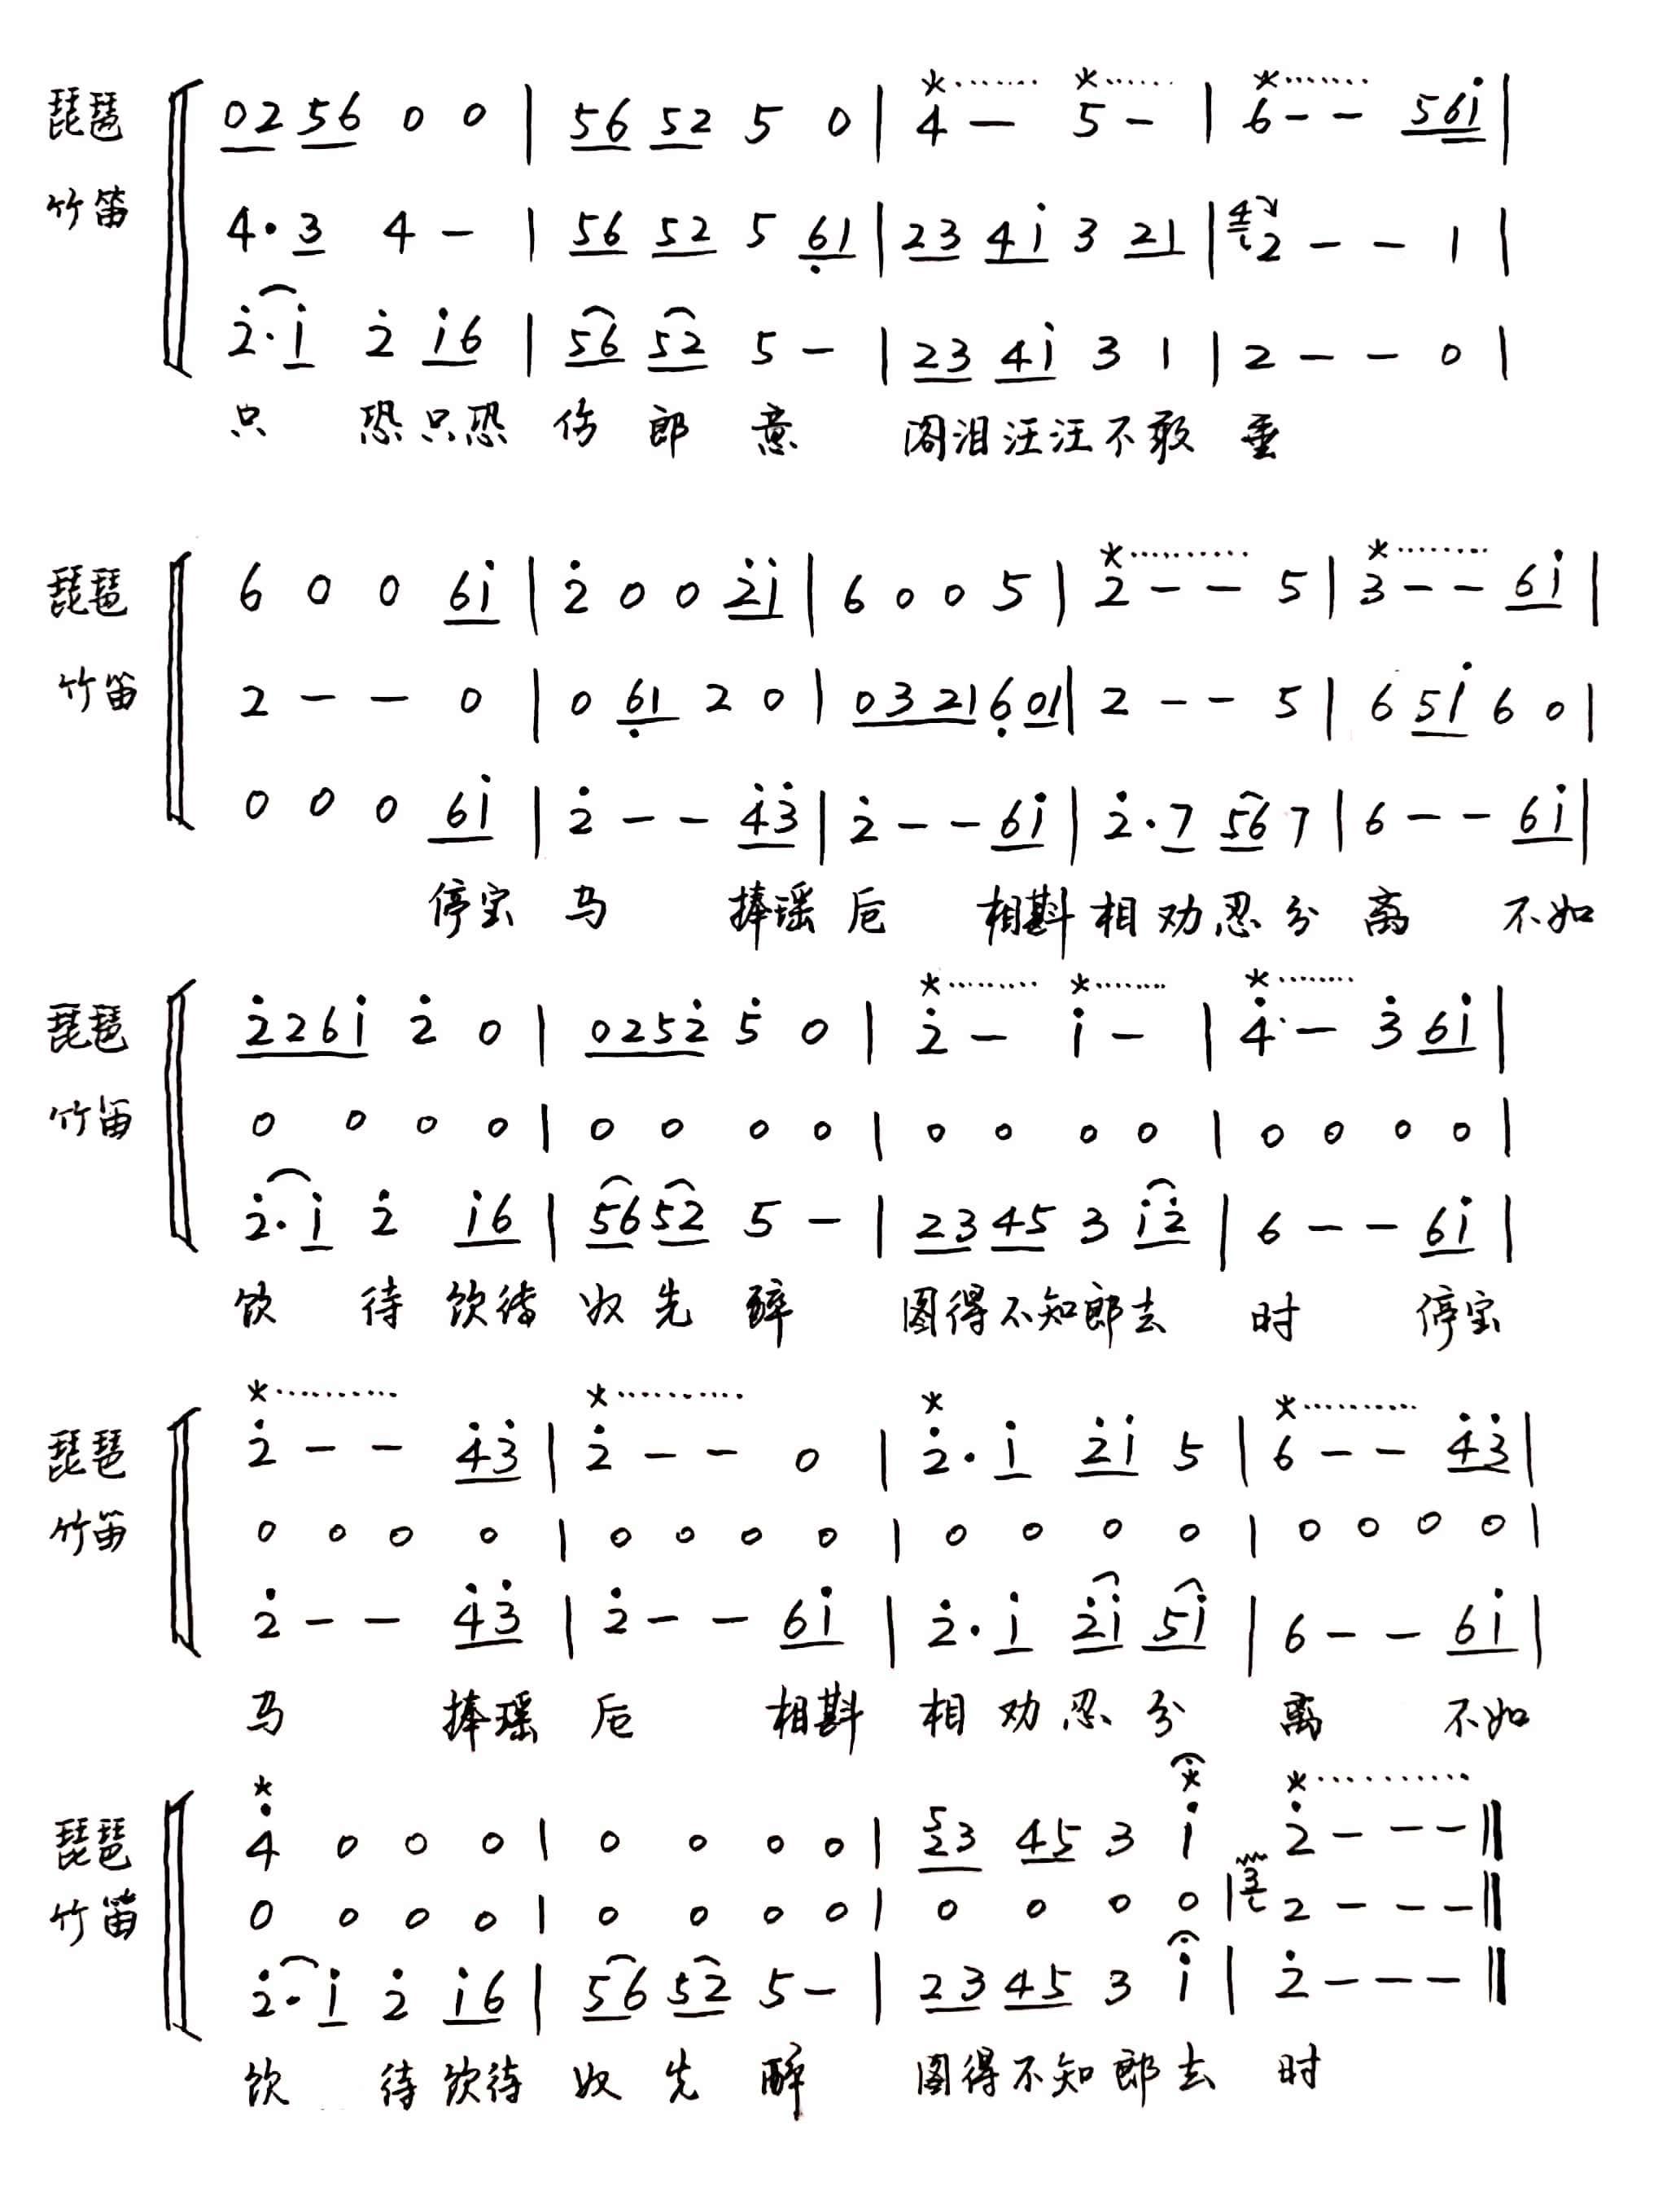 鹧鸪天·镇日无心扫黛眉 夏竦 曲谱 2